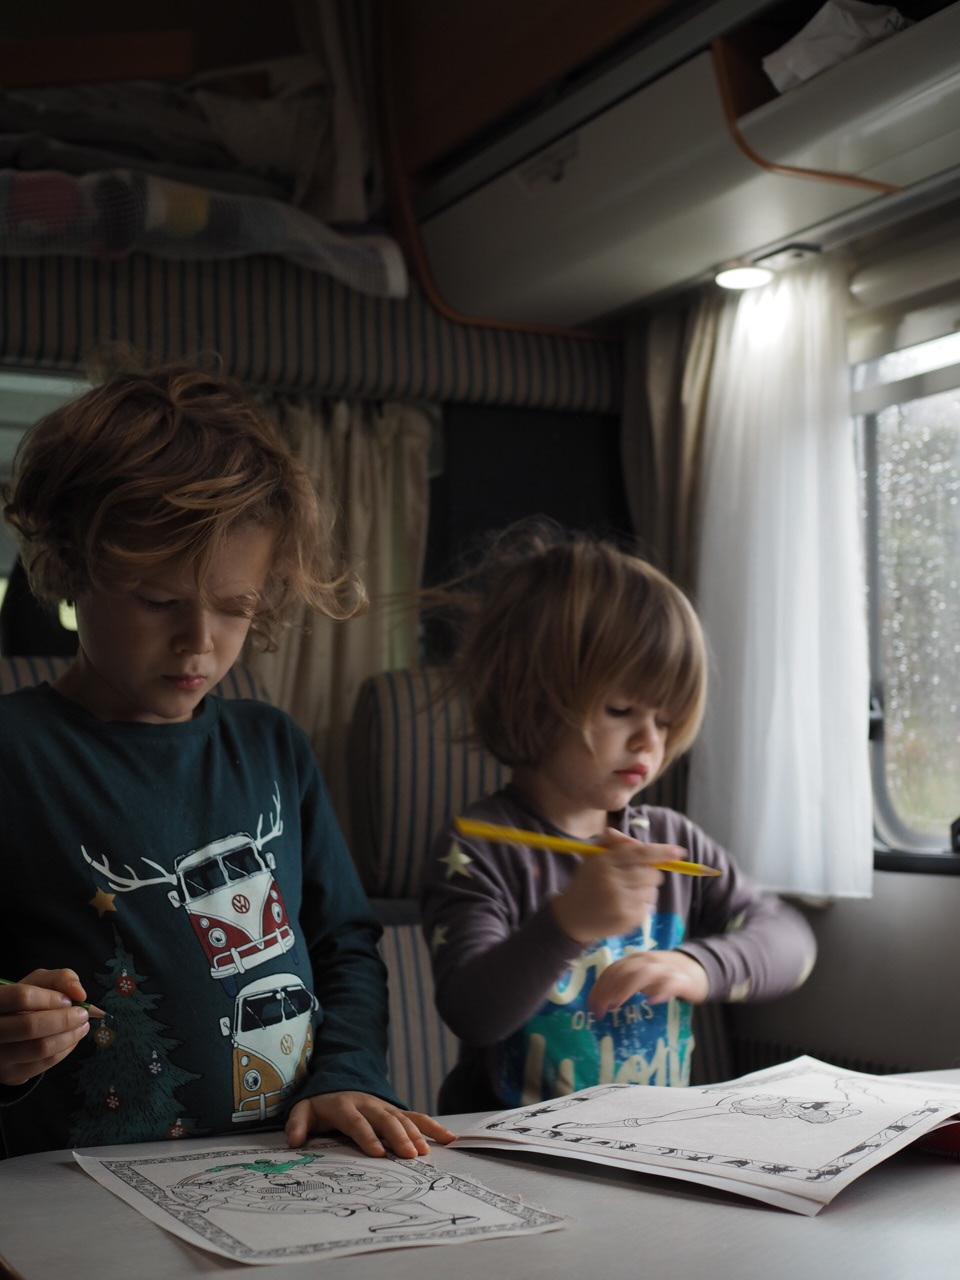 Life in a camper van